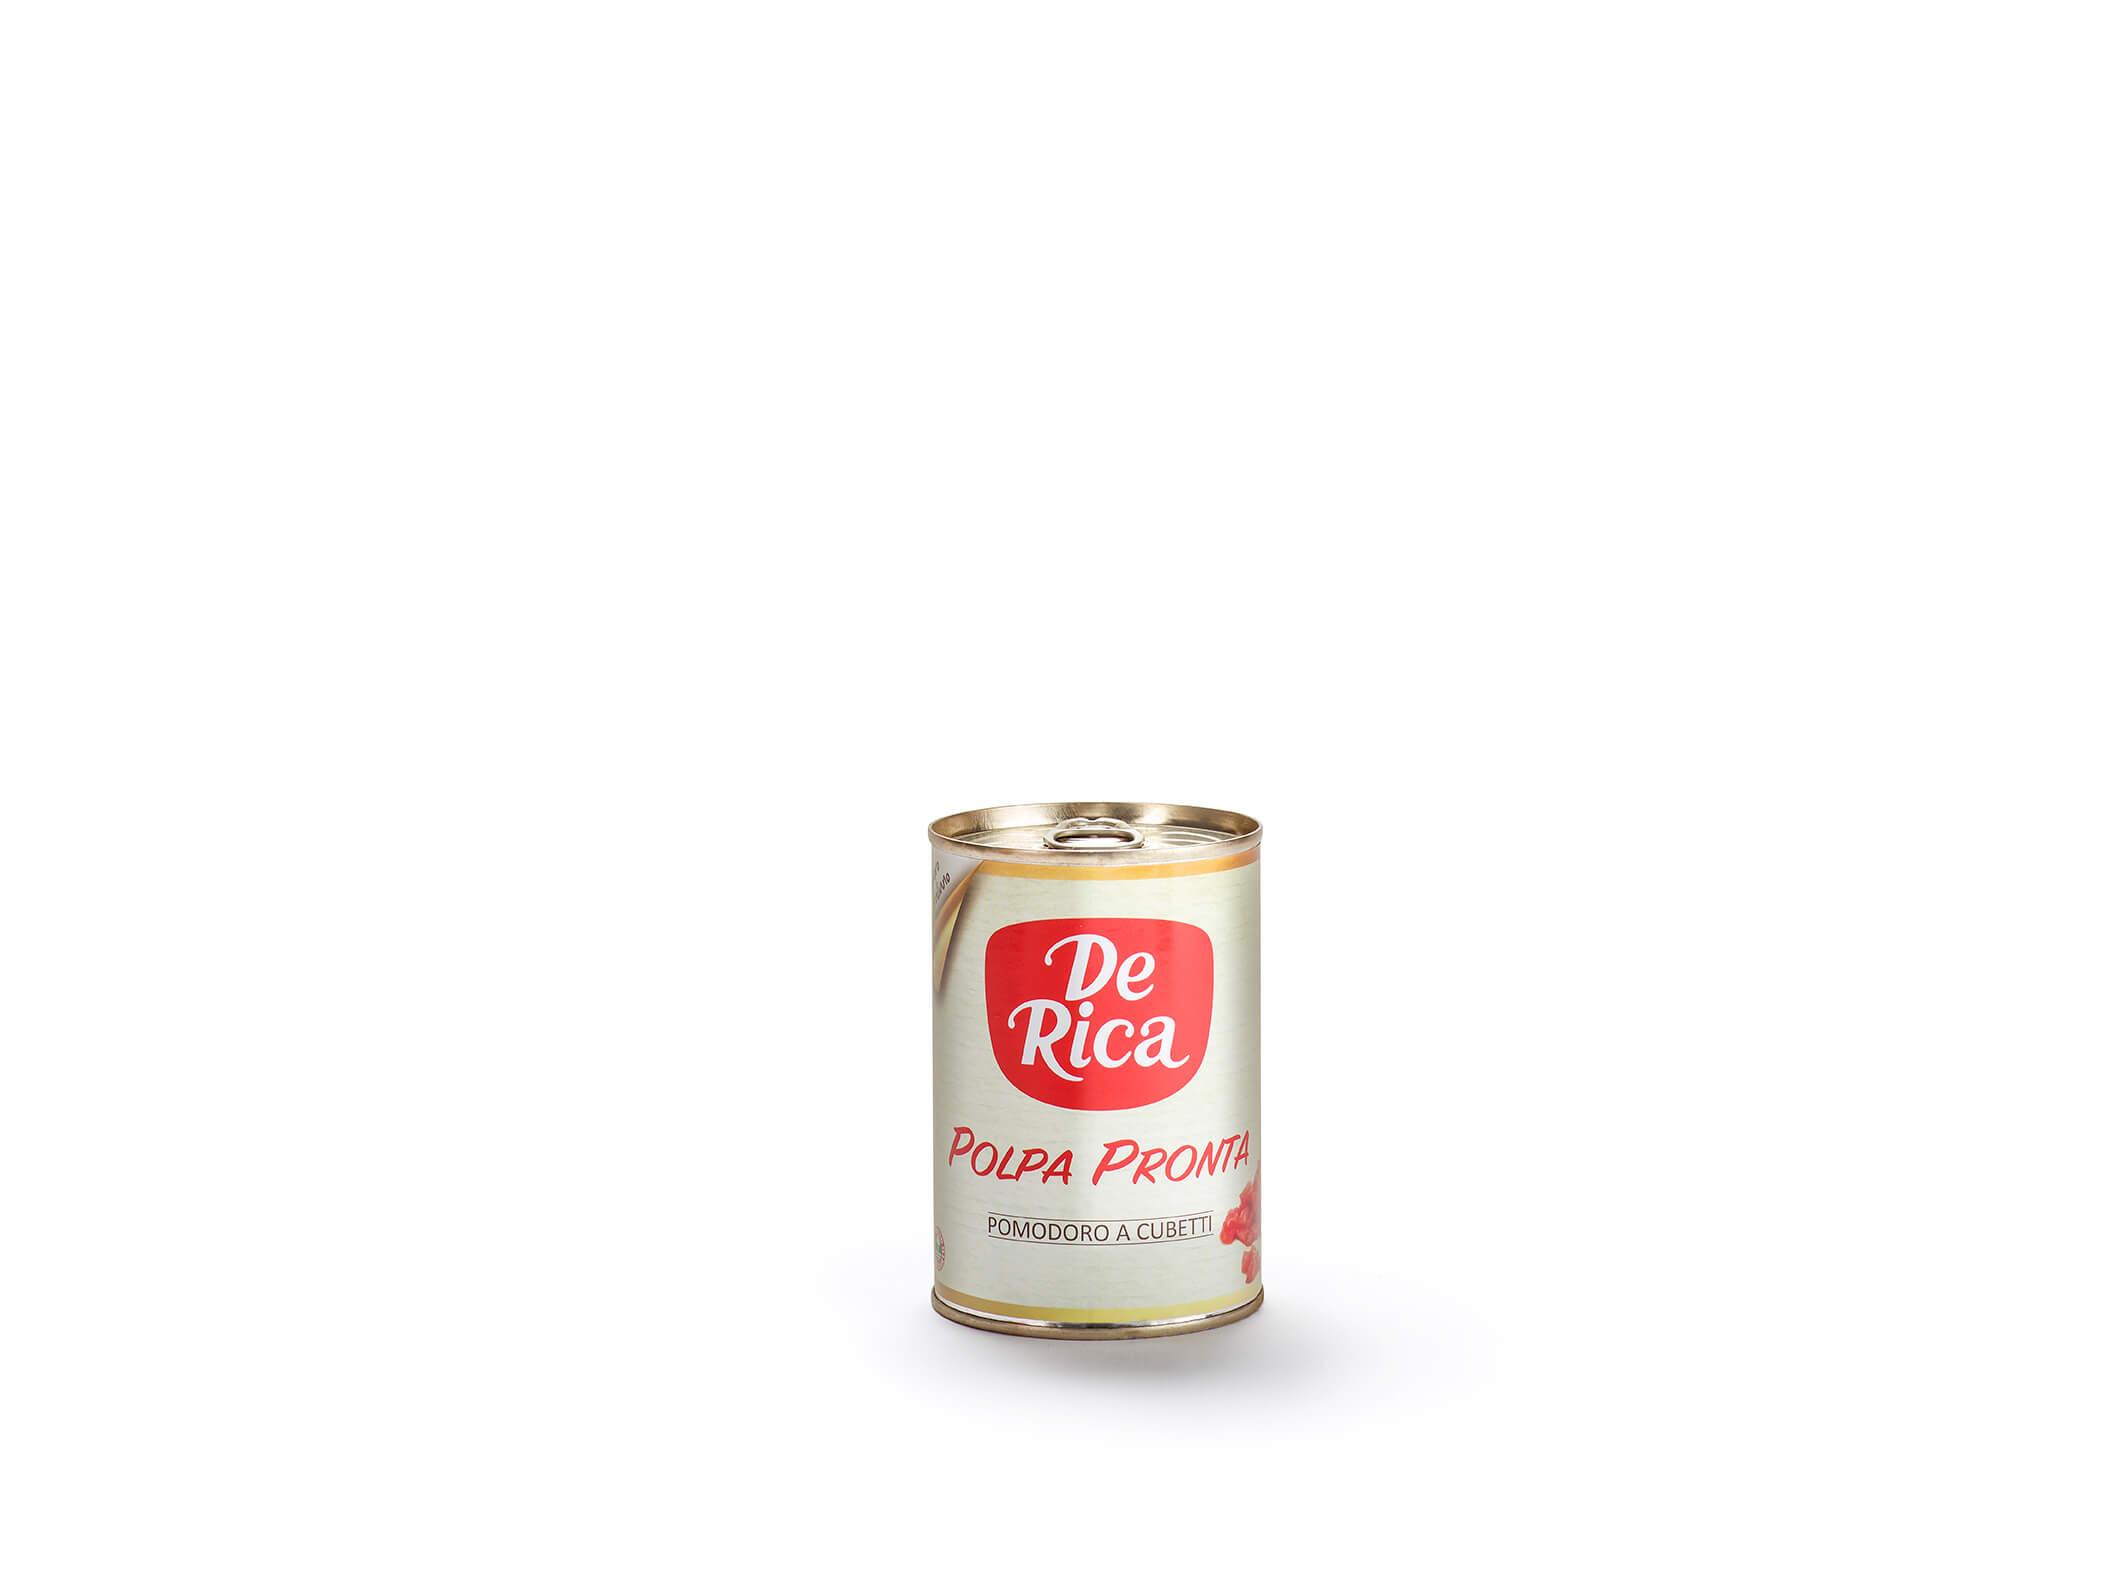 Polpa Pronta De Rica, i cubetti di pomodoro appena colto